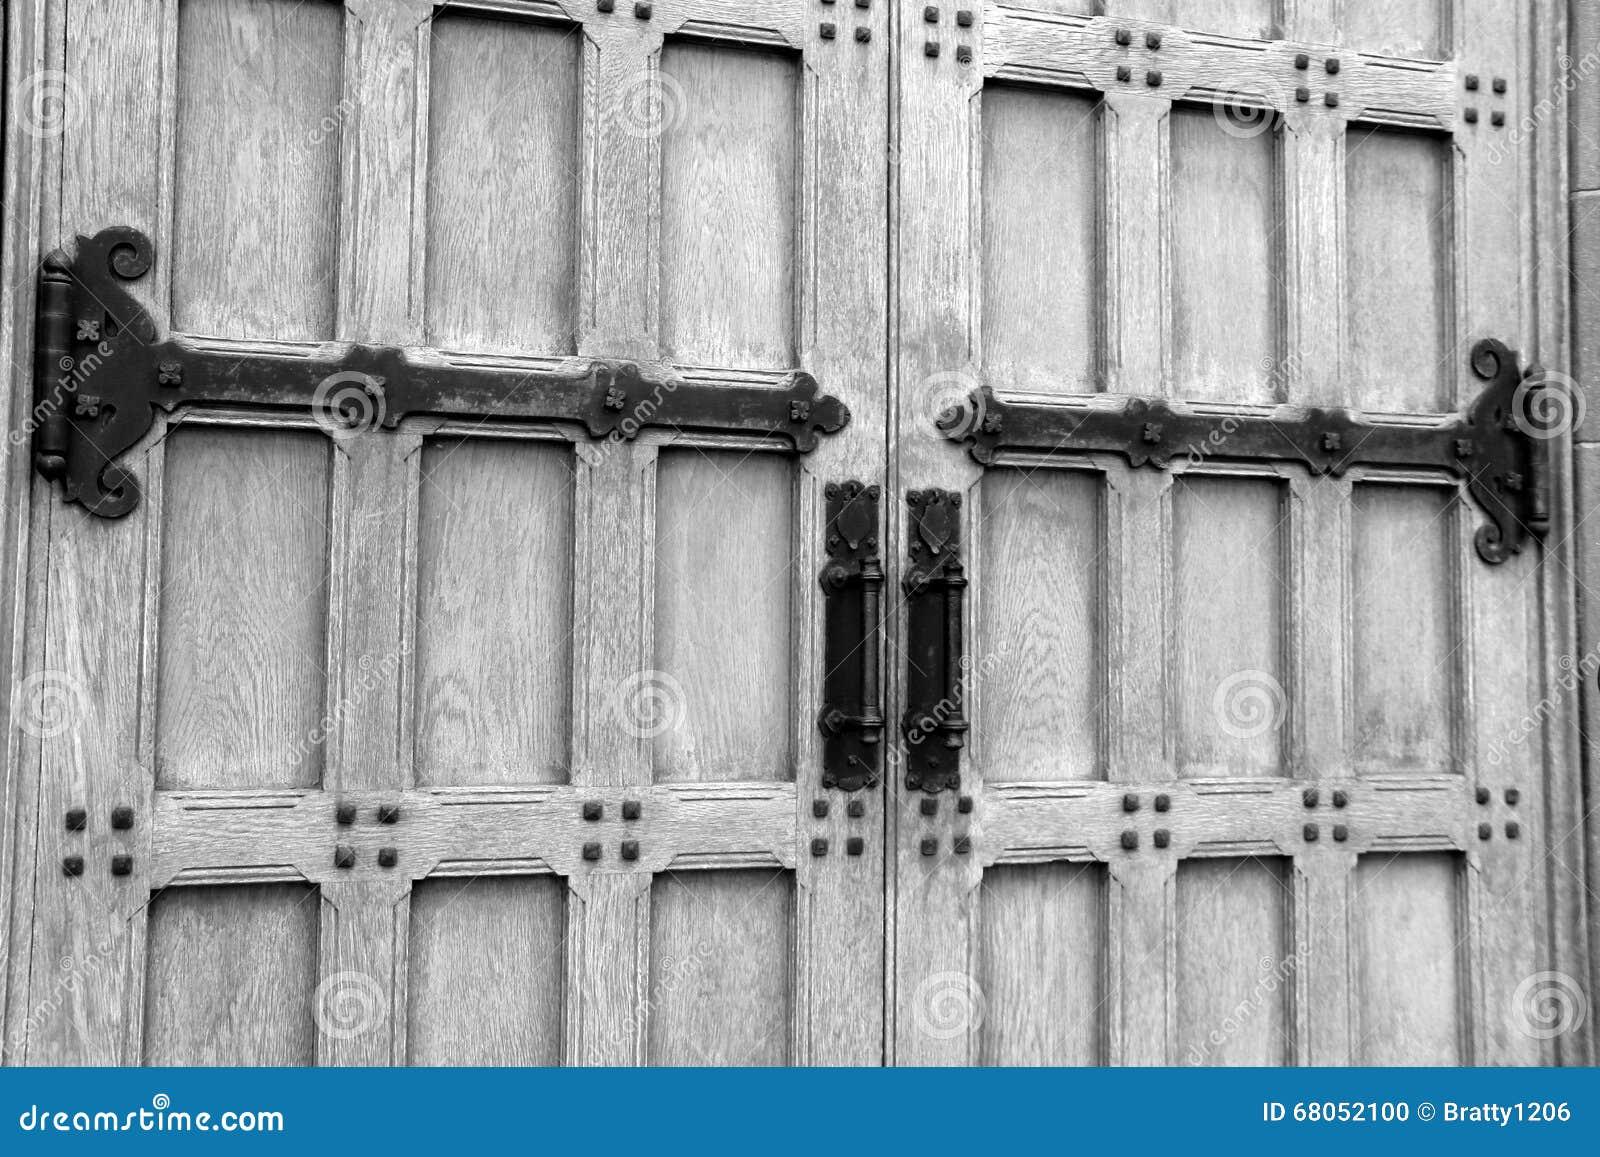 Imagen De Puertas Impresionantes Con Hardware Elaborado Foto De